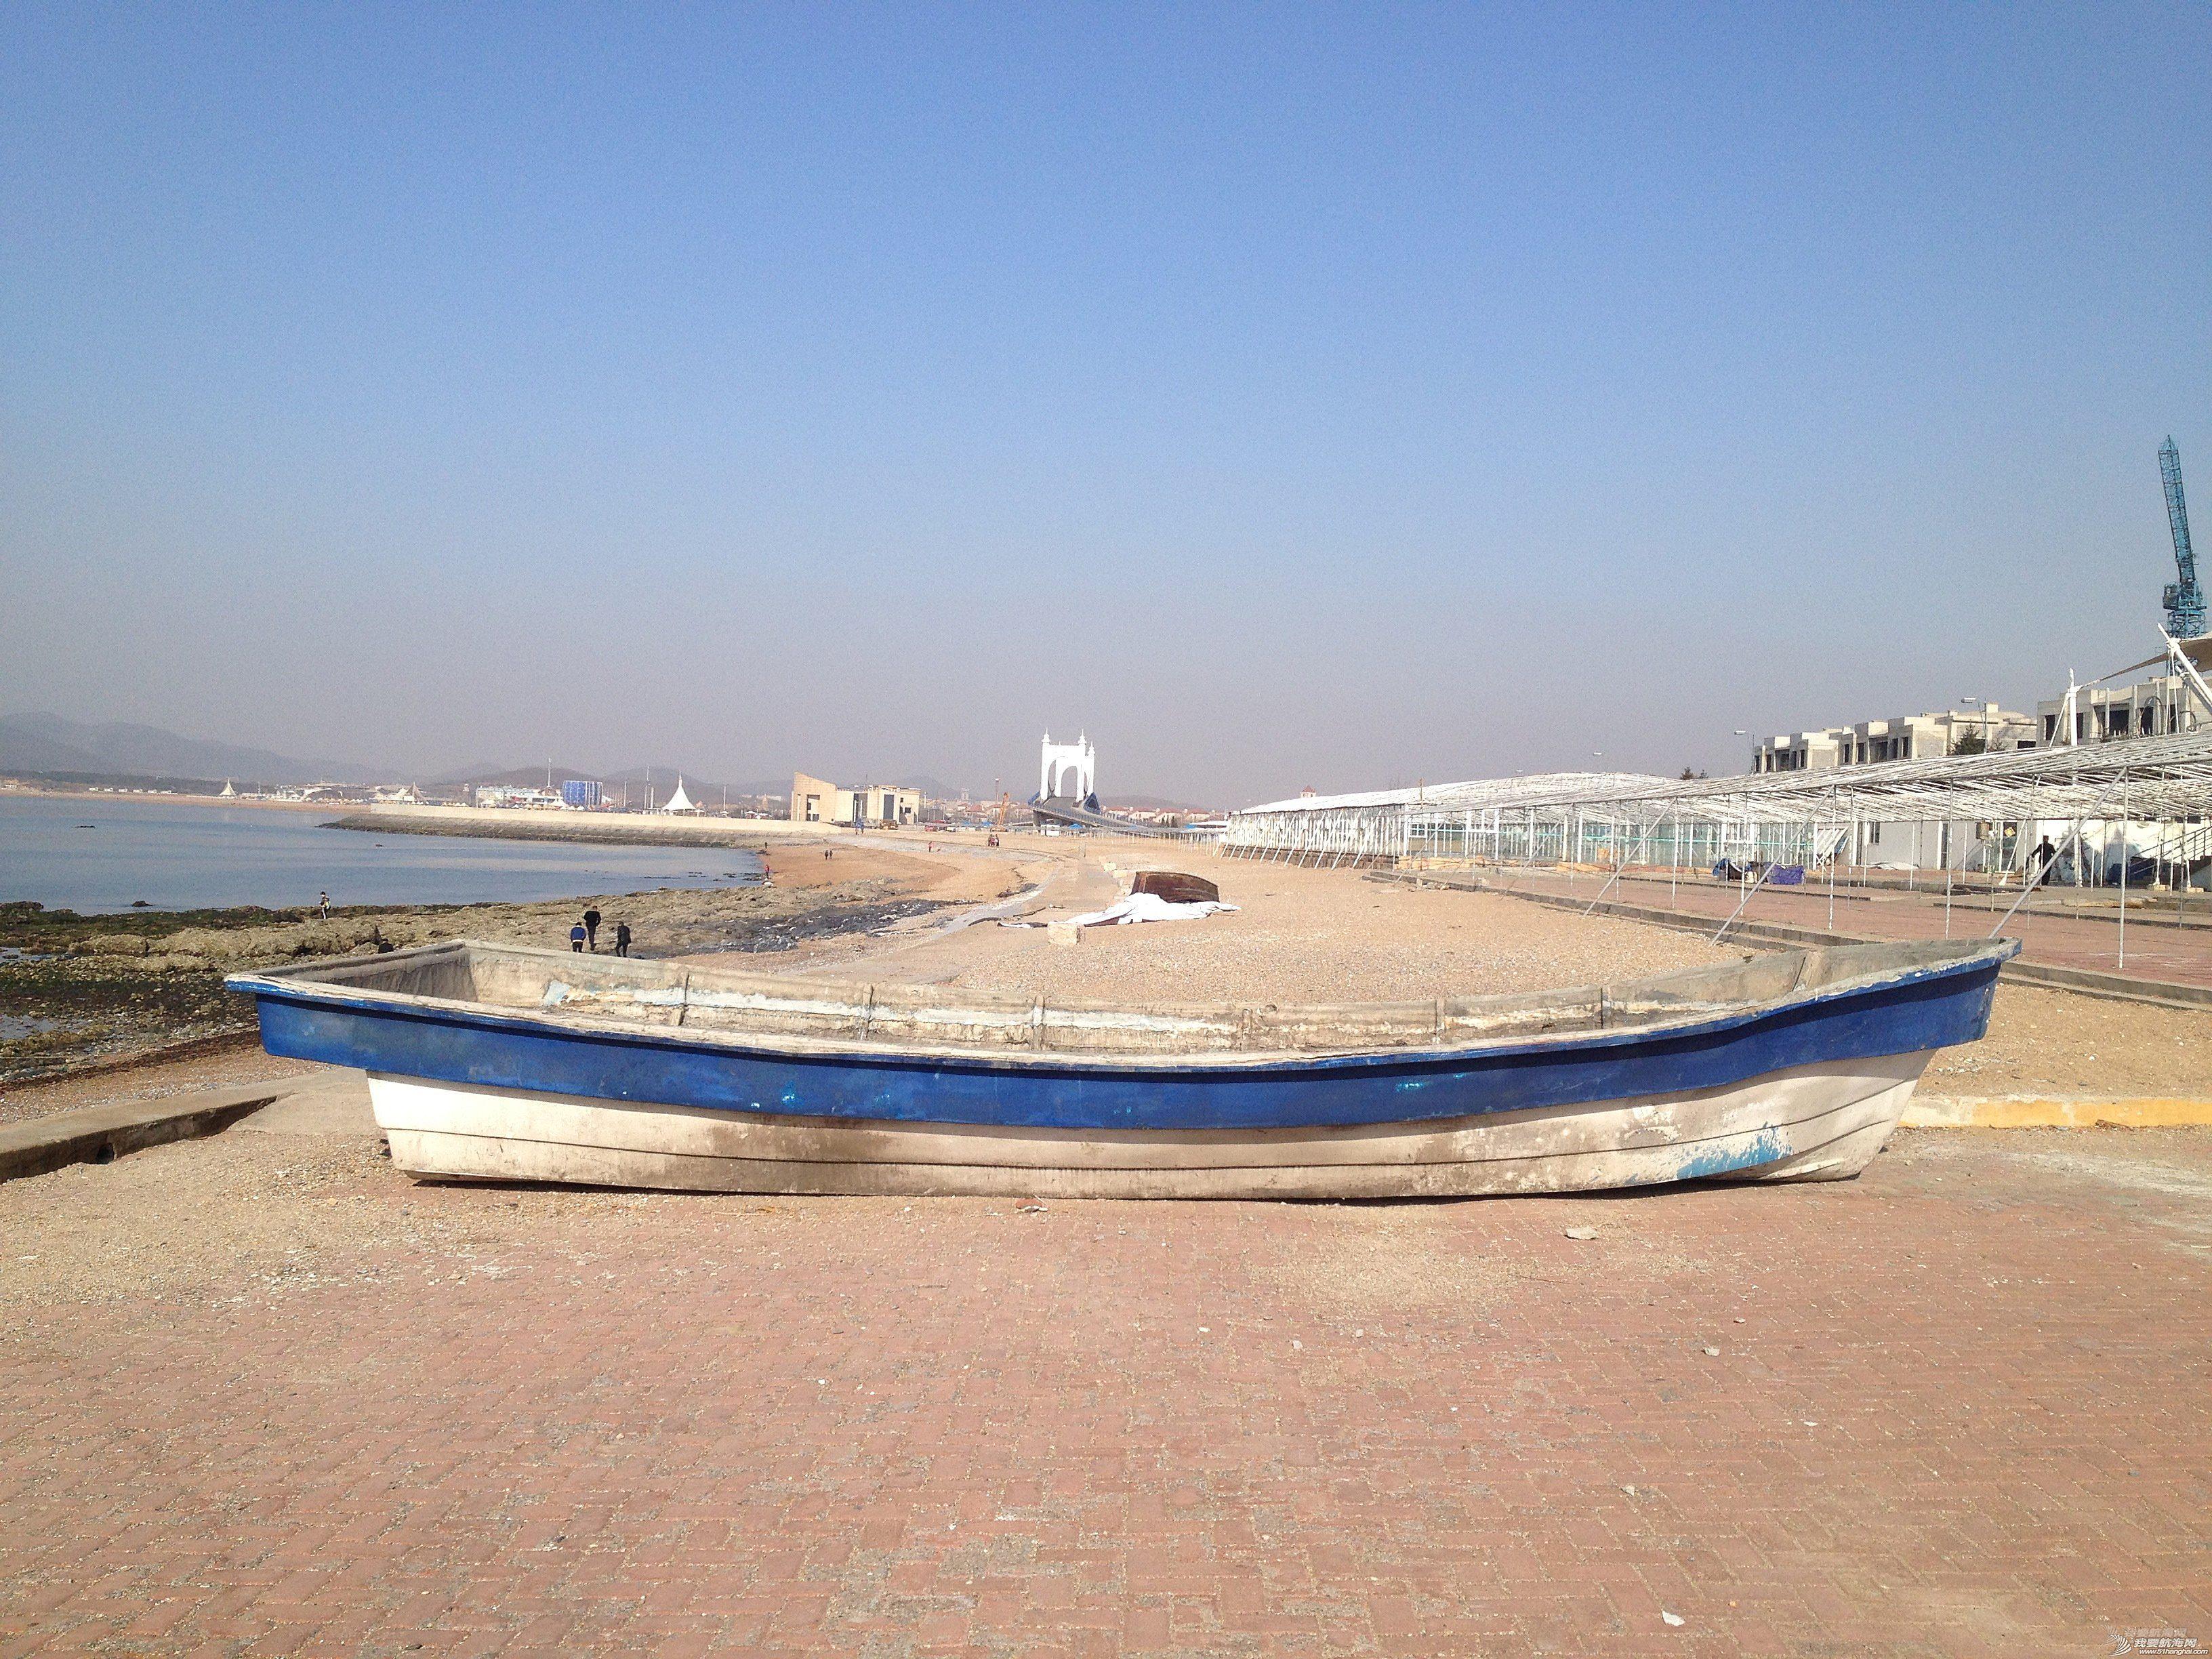 黄金海岸,玻璃钢船,金石滩,大连,帆船 海岸拾遗2